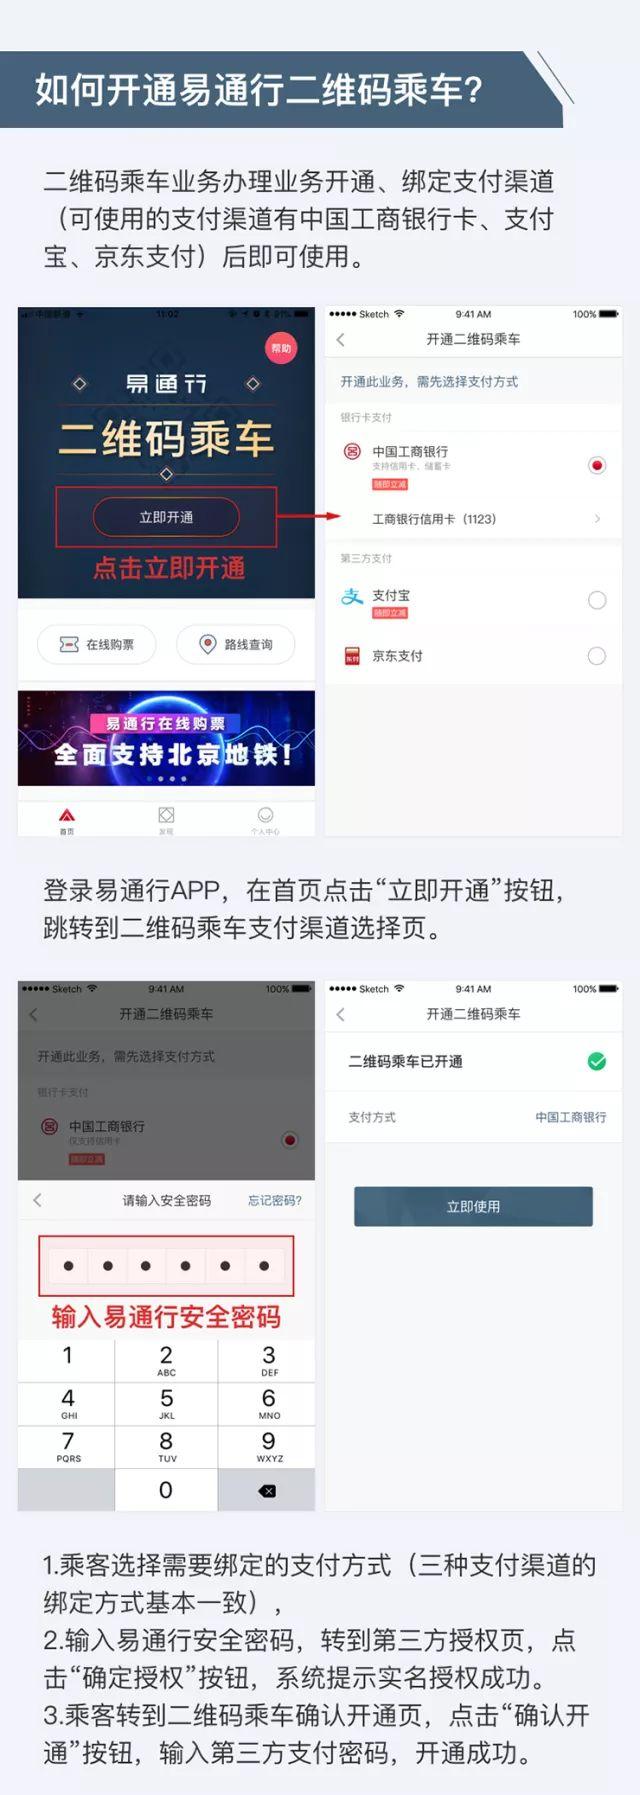 北京微信扫码乘车怎么操作?开通方法步骤详解